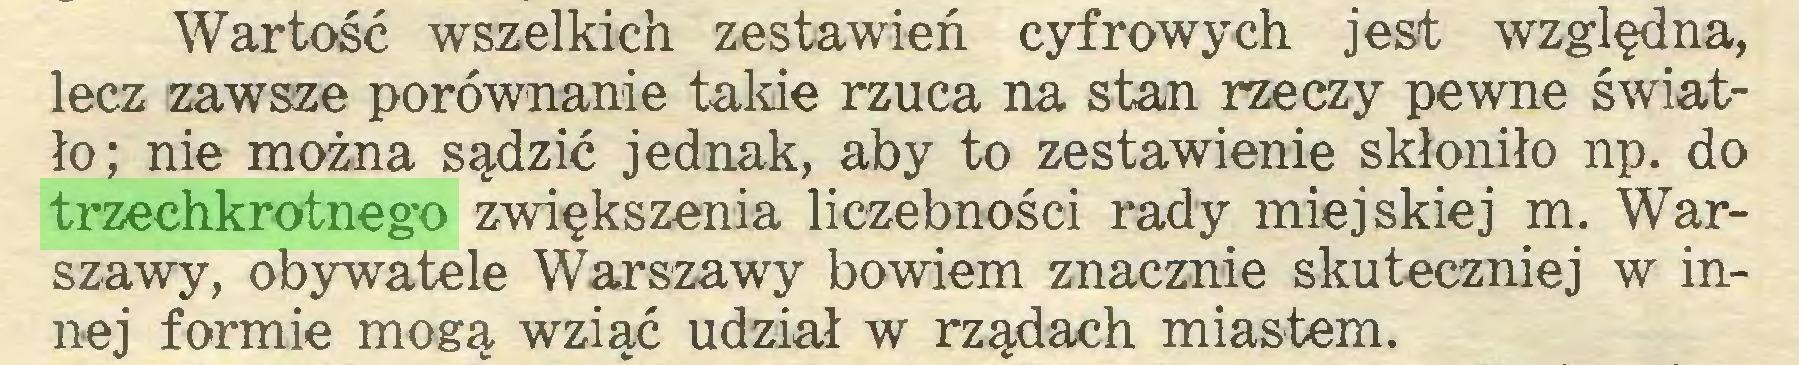 (...) Wartość wszelkich zestawień cyfrowych jest względna, lecz zawsze porównanie takie rzuca na stan rzeczy pewne światło; nie można sądzić jednak, aby to zestawienie skłoniło np. do trzechkrotnego zwiększenia liczebności rady miejskiej m. Warszawy, obywatele Warszawy bowiem znacznie skuteczniej w innej formie mogą wziąć udział w rządach miastem...